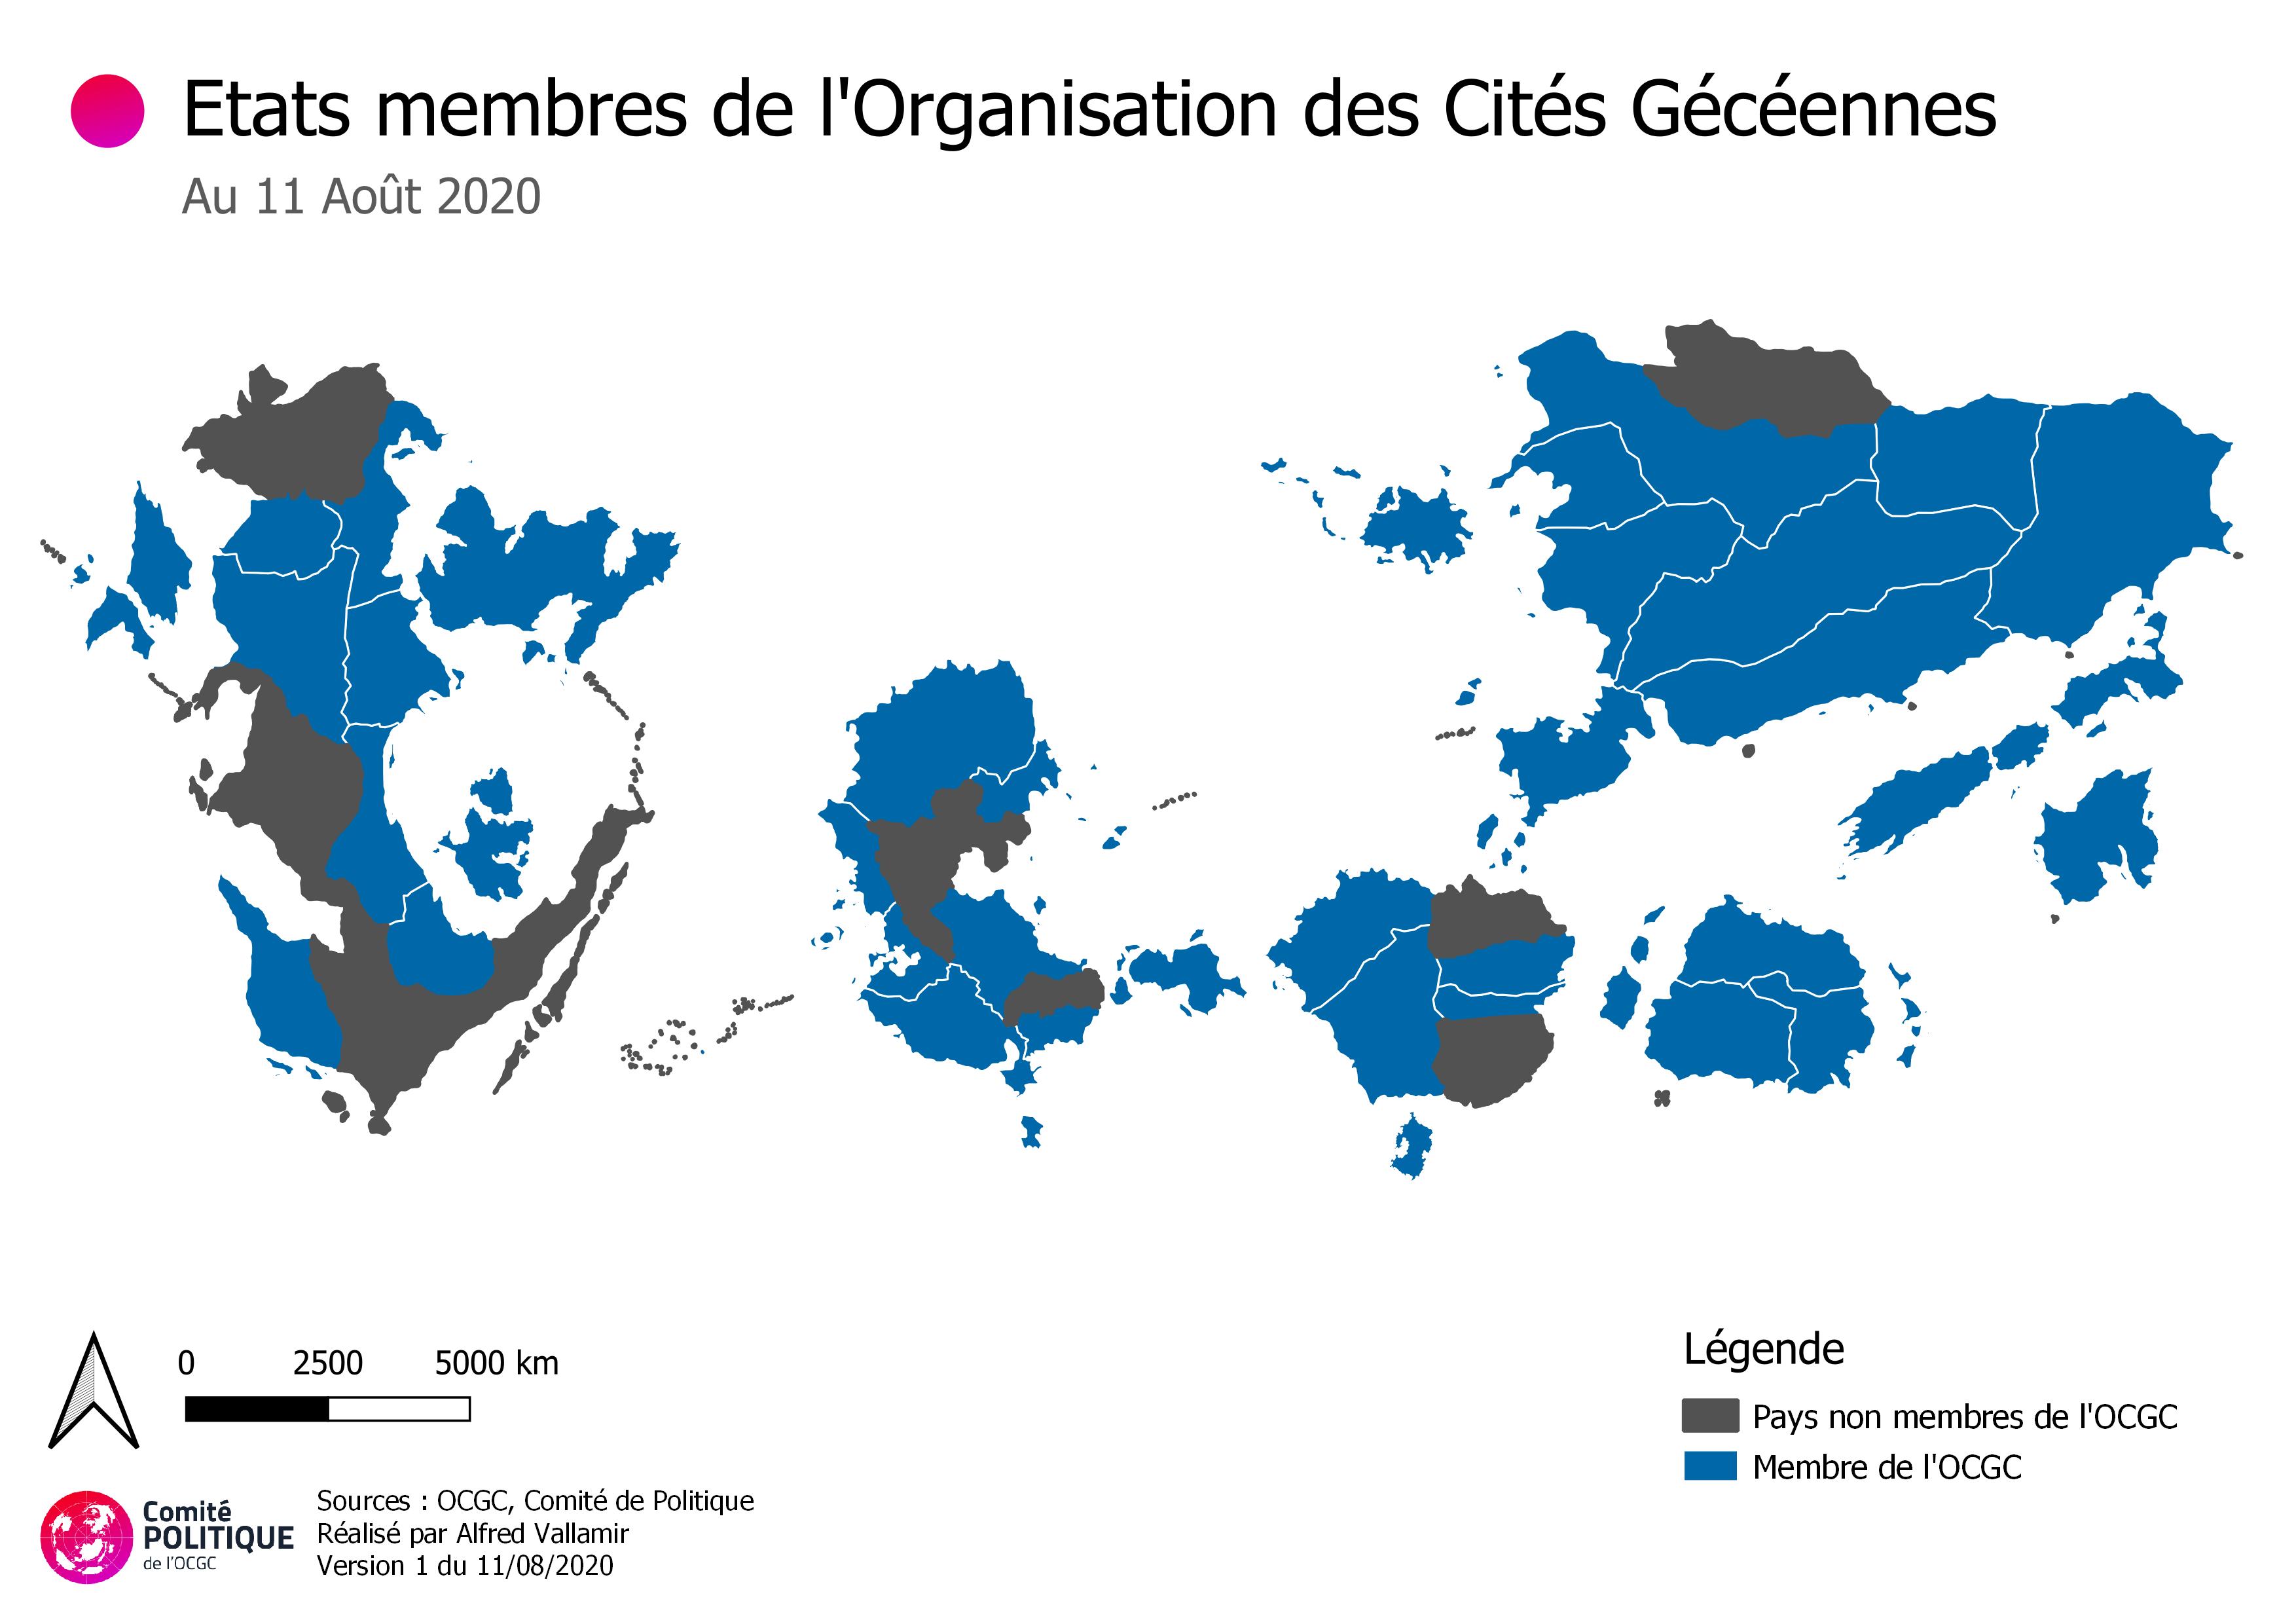 Atlas du comité de politique - L'édition 2021 disponible ! - Page 6 OCGC